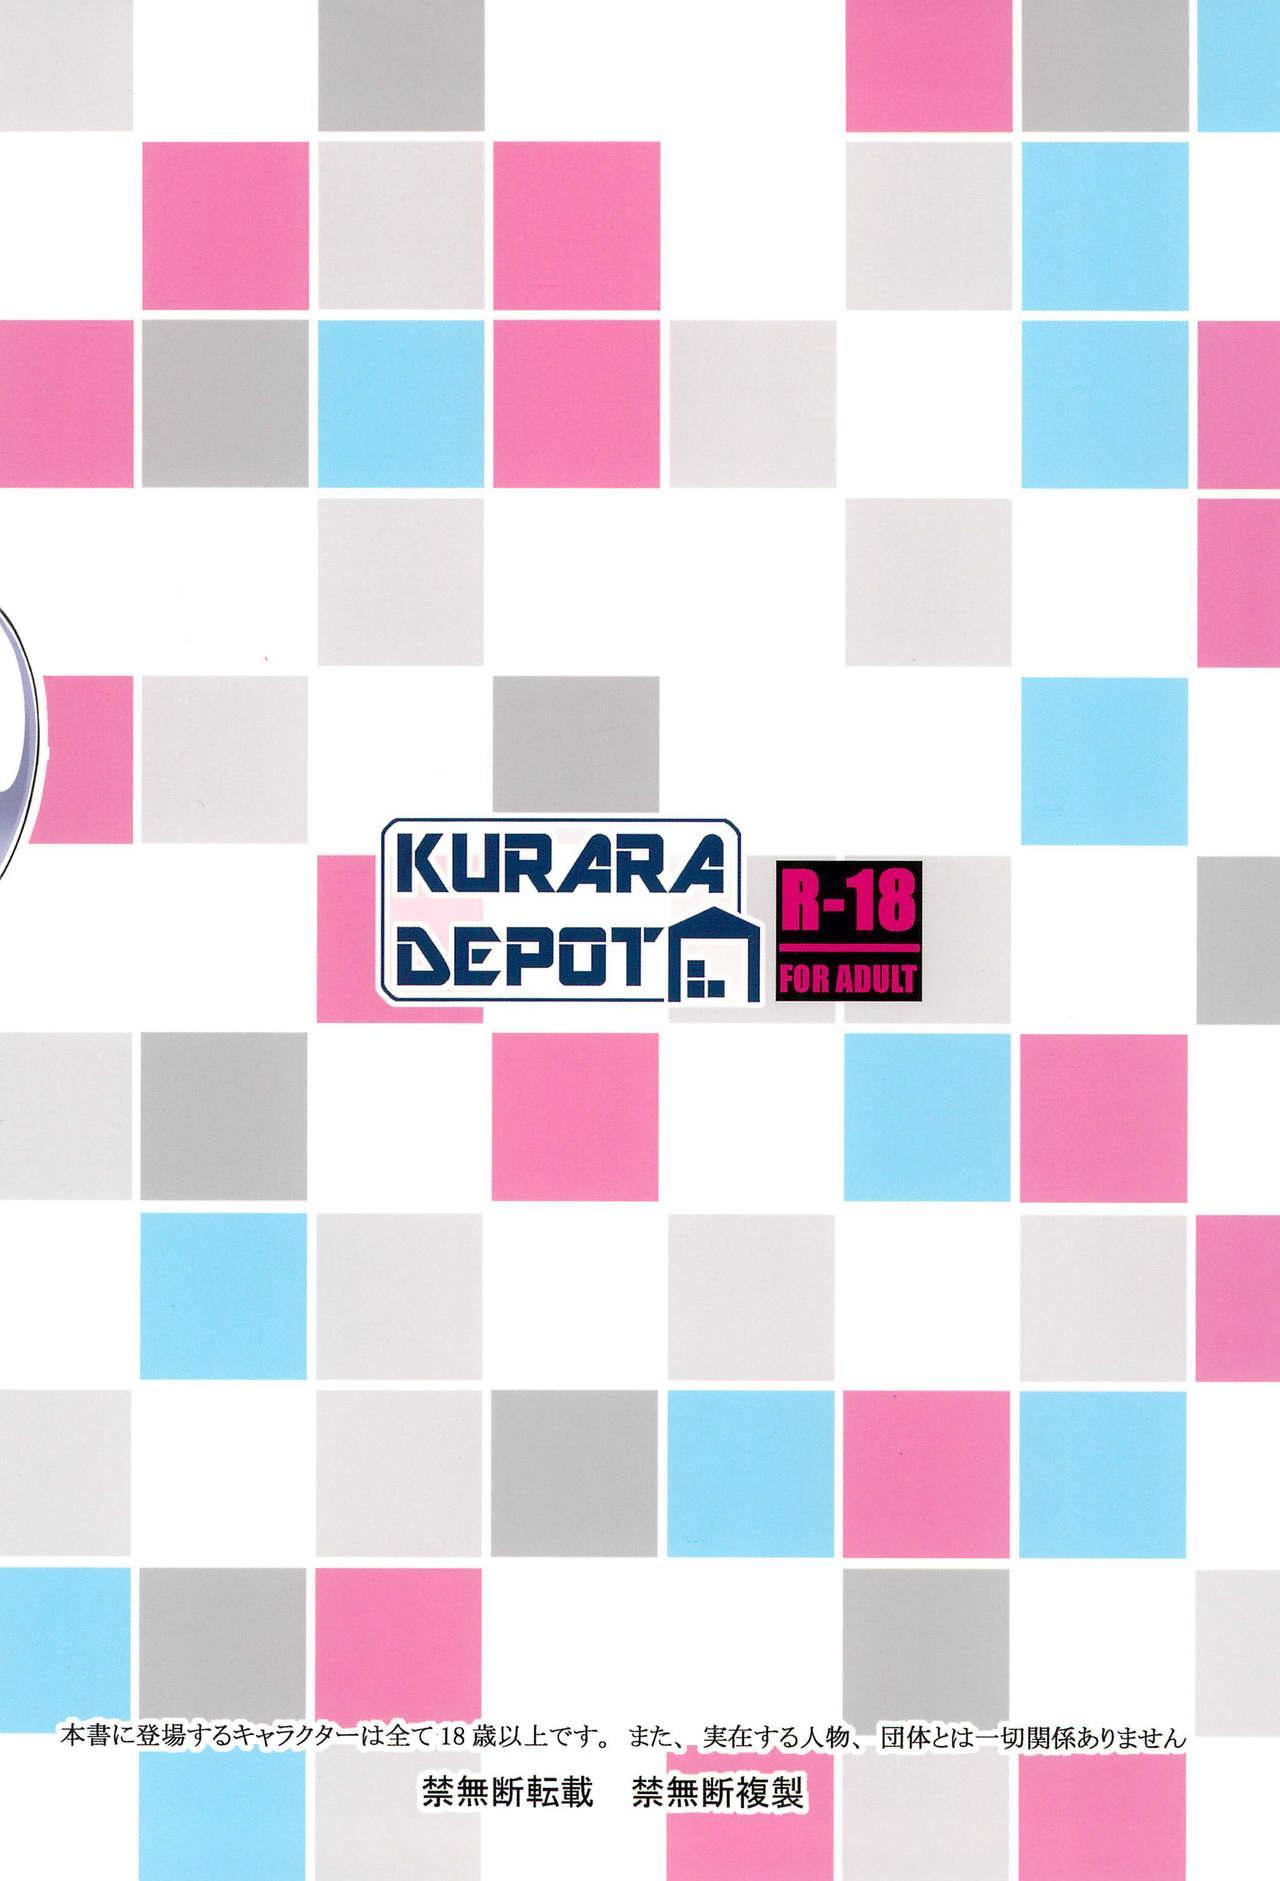 KURARA DEPOT 19